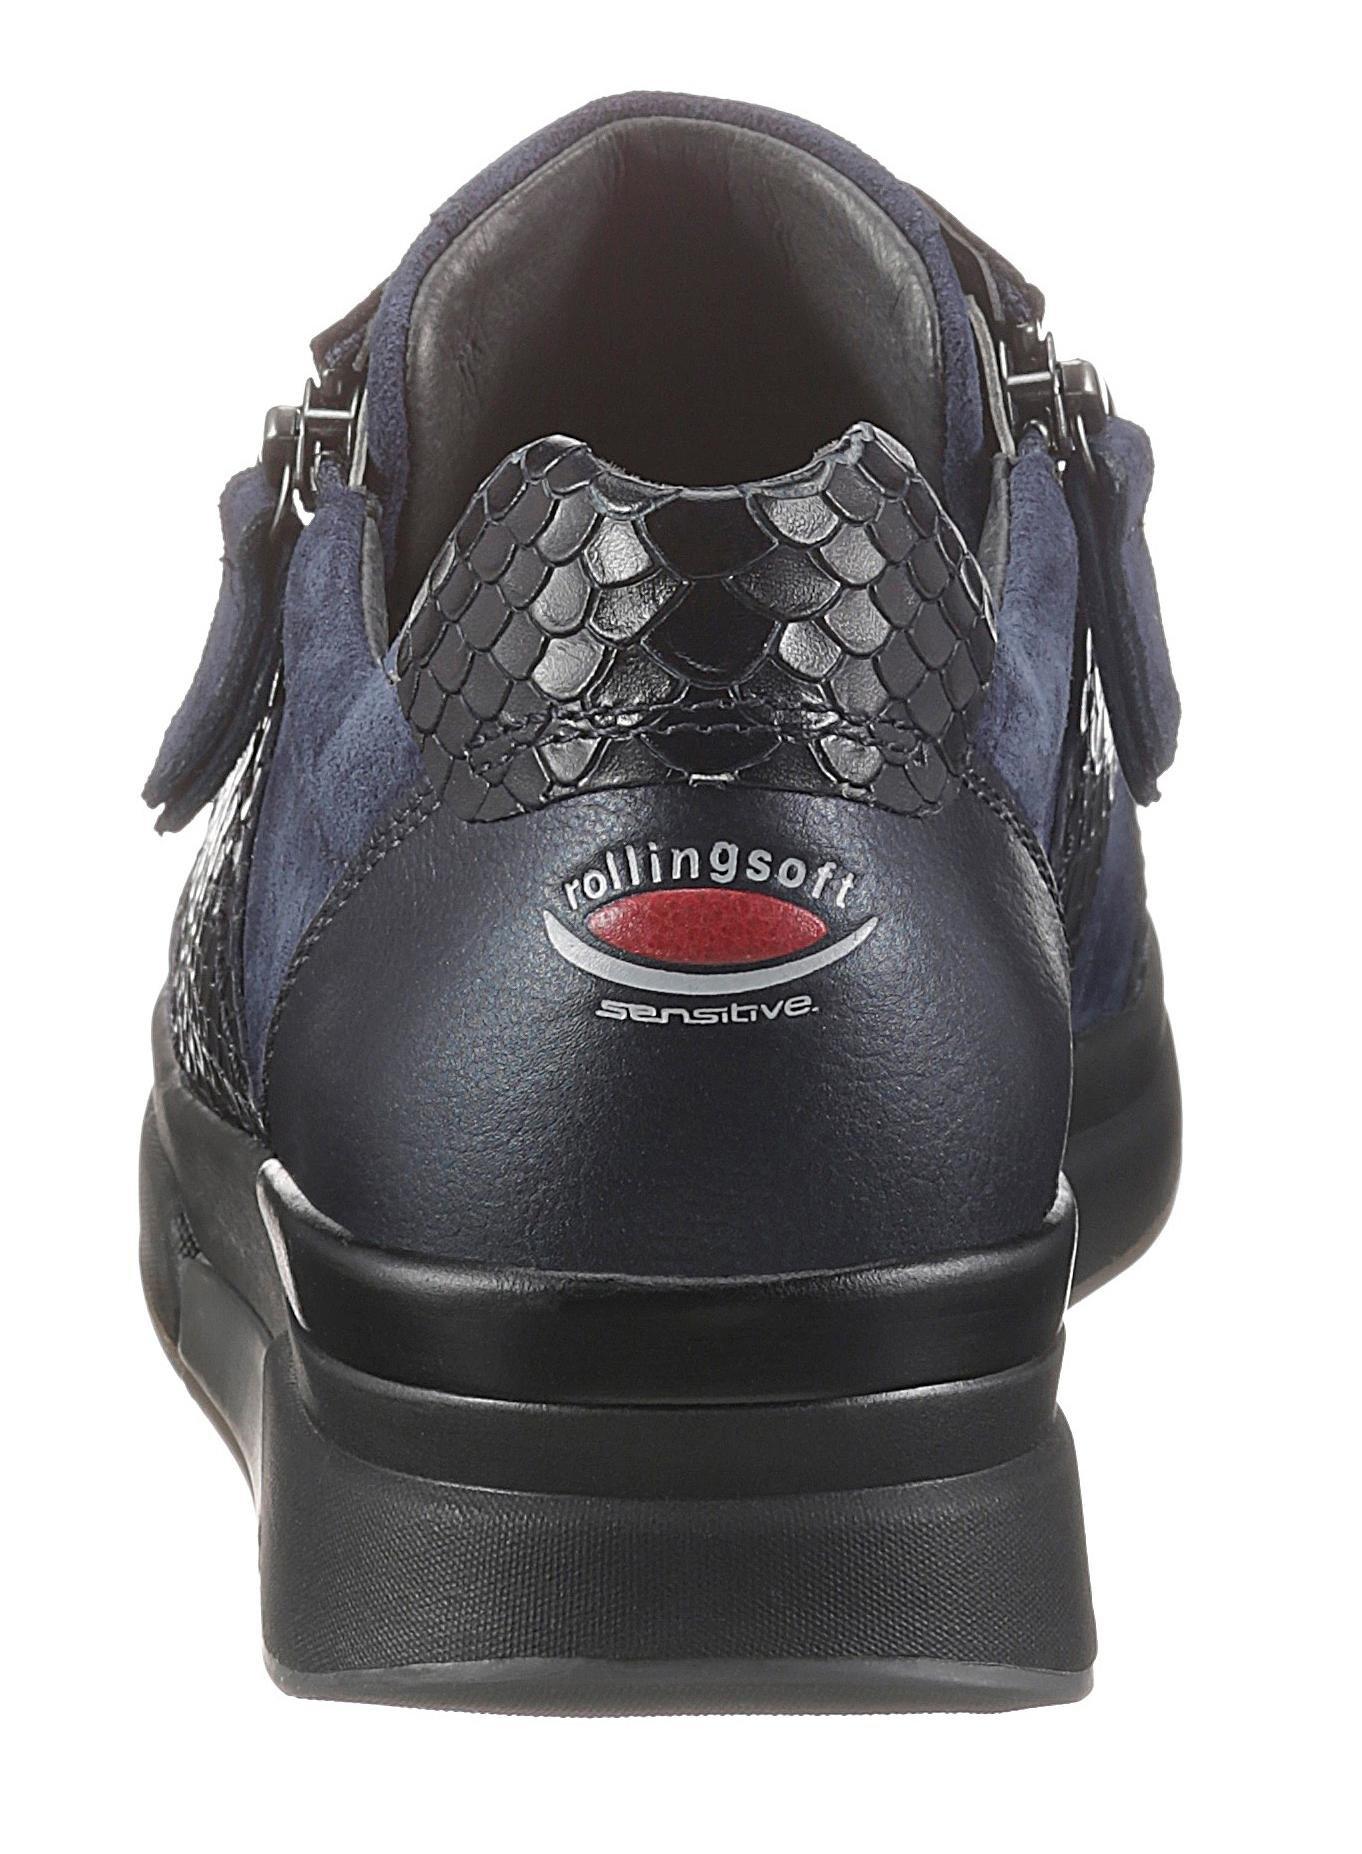 Gabor Rollingsoft sneakers met sleehak in de webshop van OTTO kopen